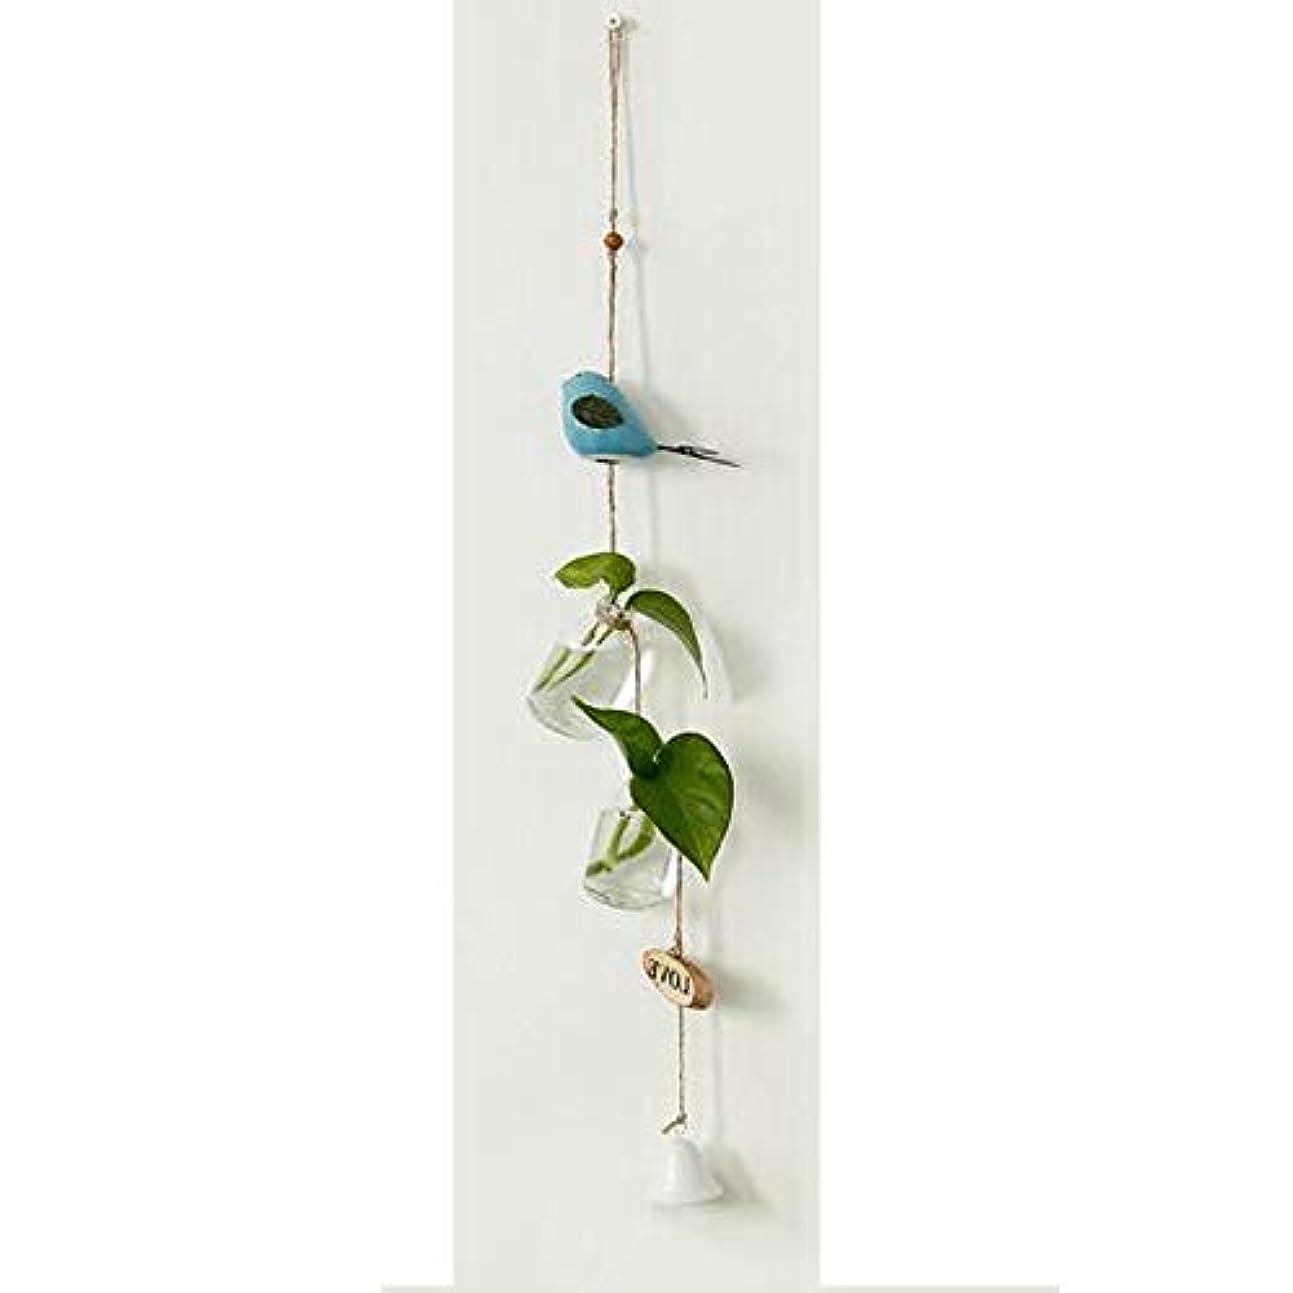 やろう窒素ハグJingfengtongxun 風チャイム、クリエイティブ?グラス風チャイム、白、ロープの長さ63センチメートルボトル(なし植物),スタイリッシュなホリデーギフト (Color : Blue)